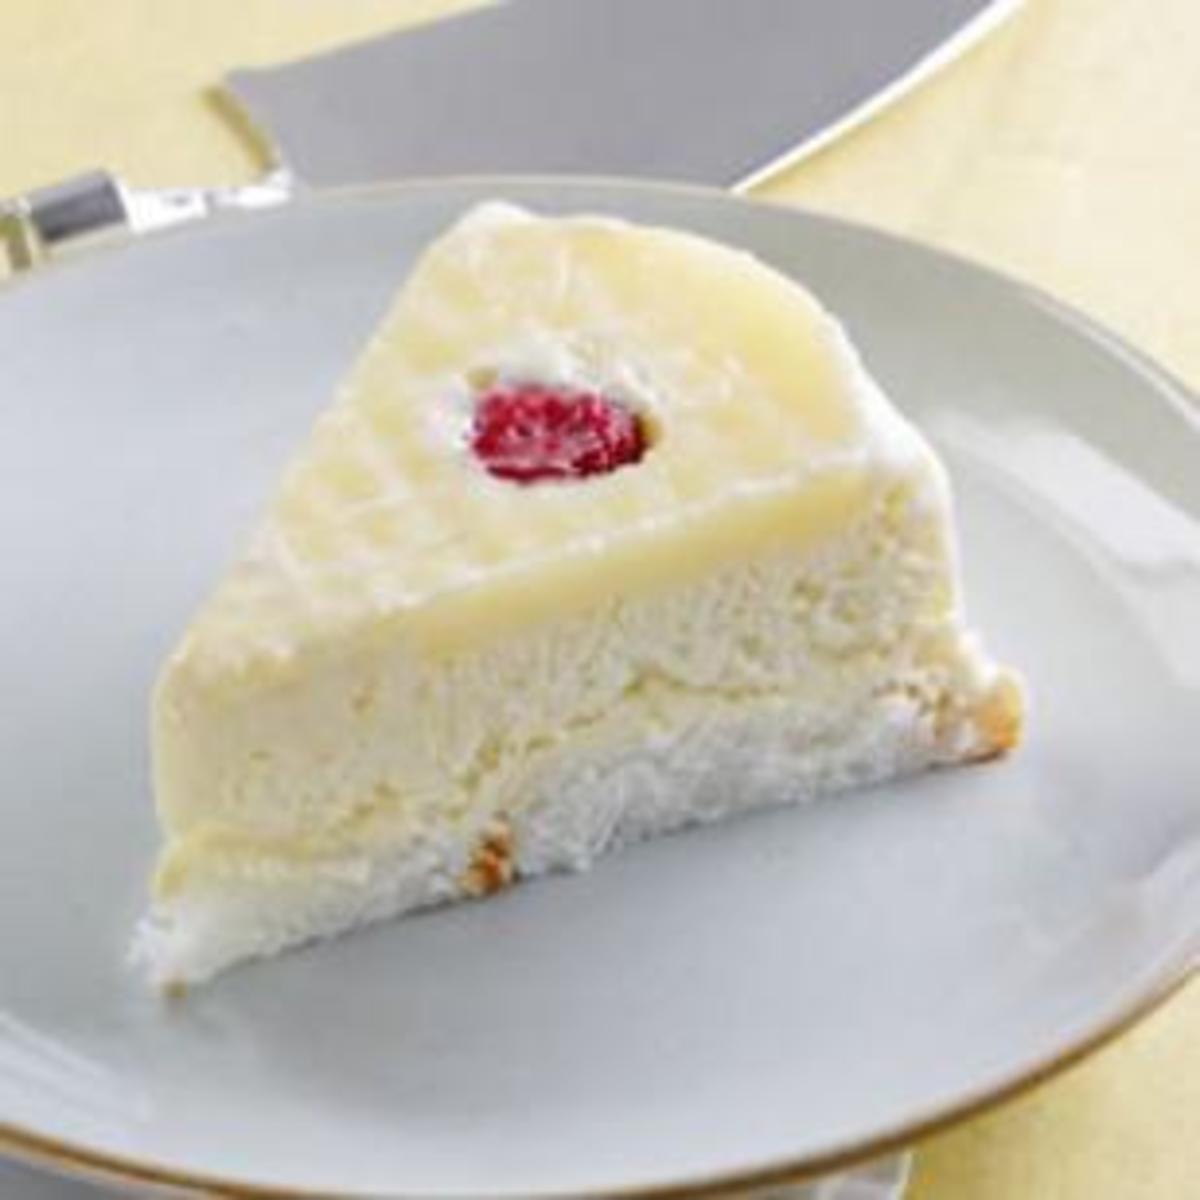 Frozen-Pineapple-Upside-Down-Cake